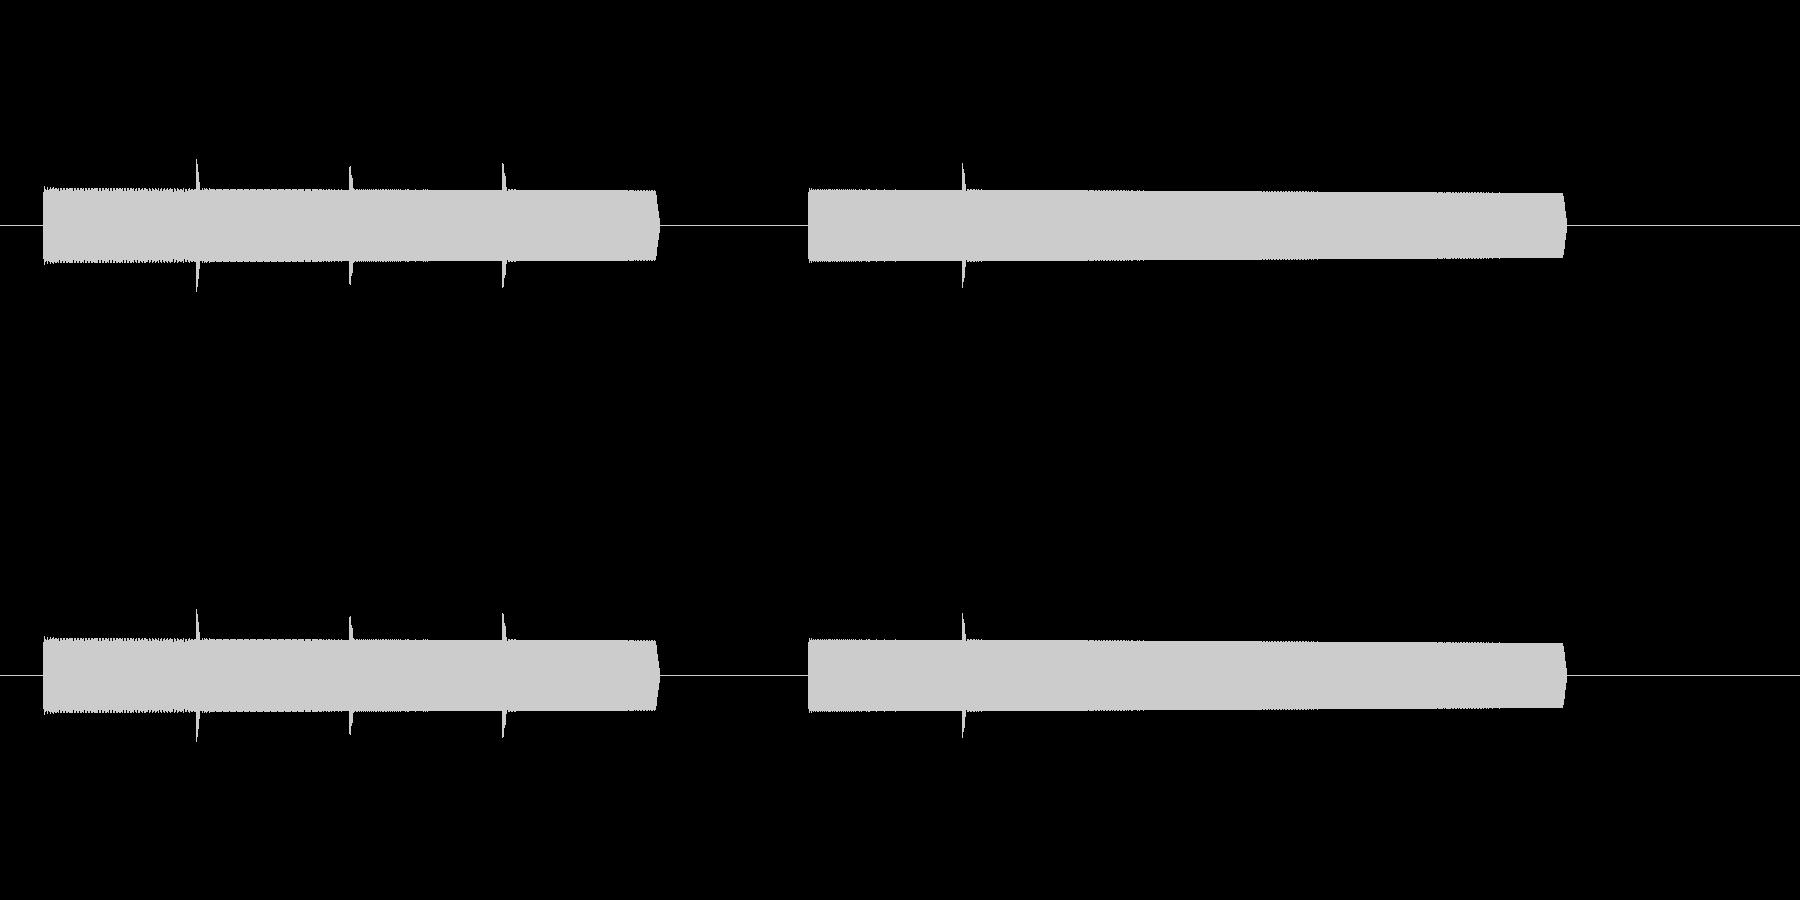 【効果音】8ビットファンファーレ風2の未再生の波形